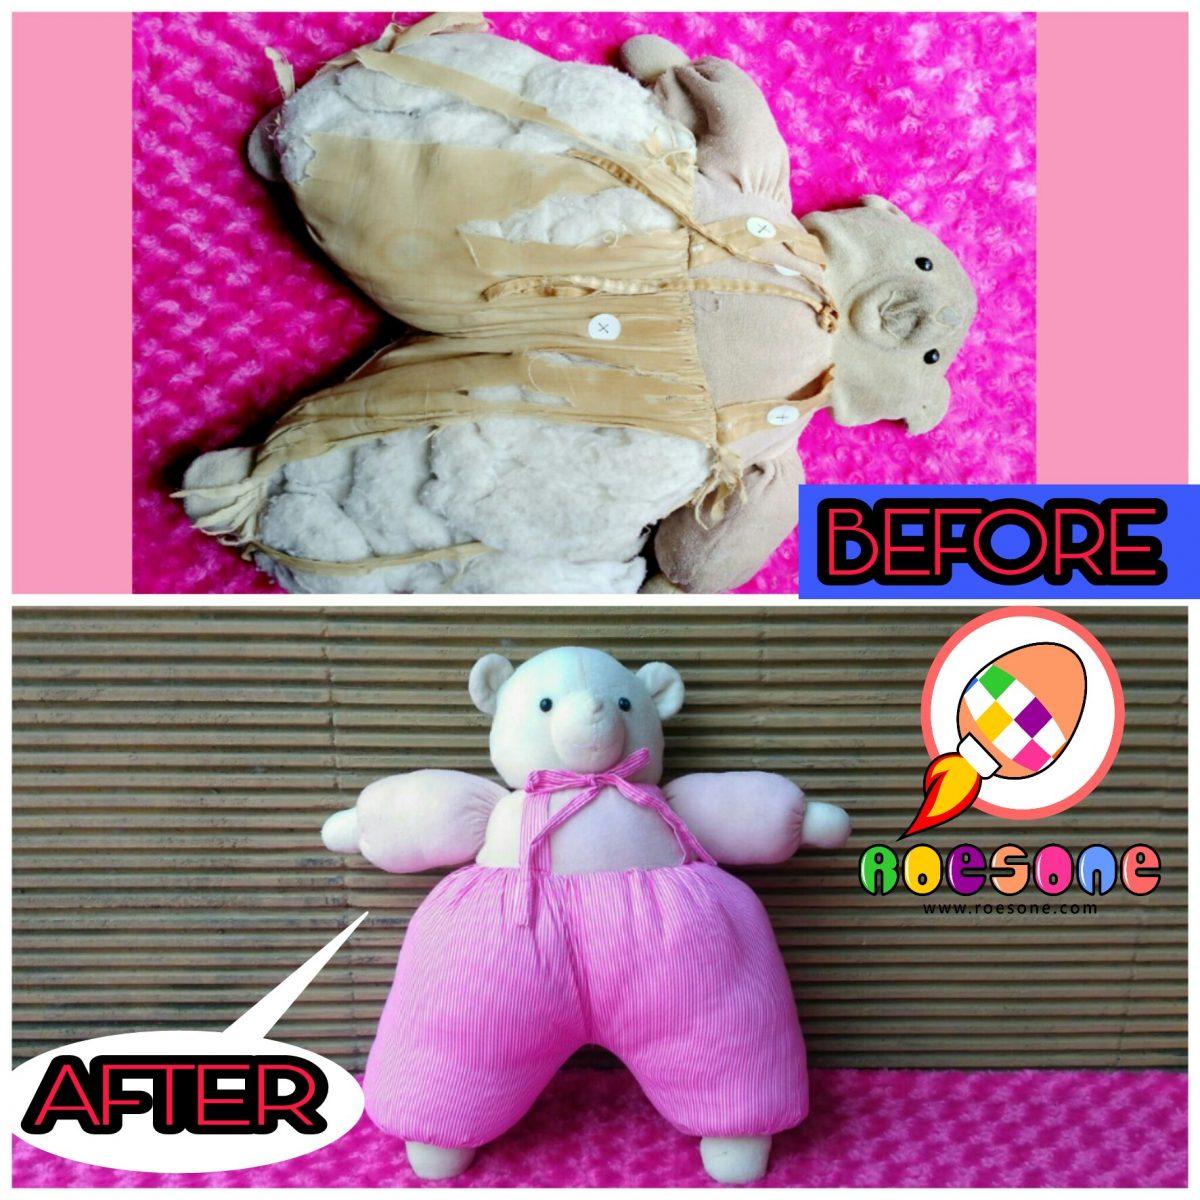 Jasa Reparasi Boneka Paling Murah dan Terpercaya di Produsen Boneka Jogja